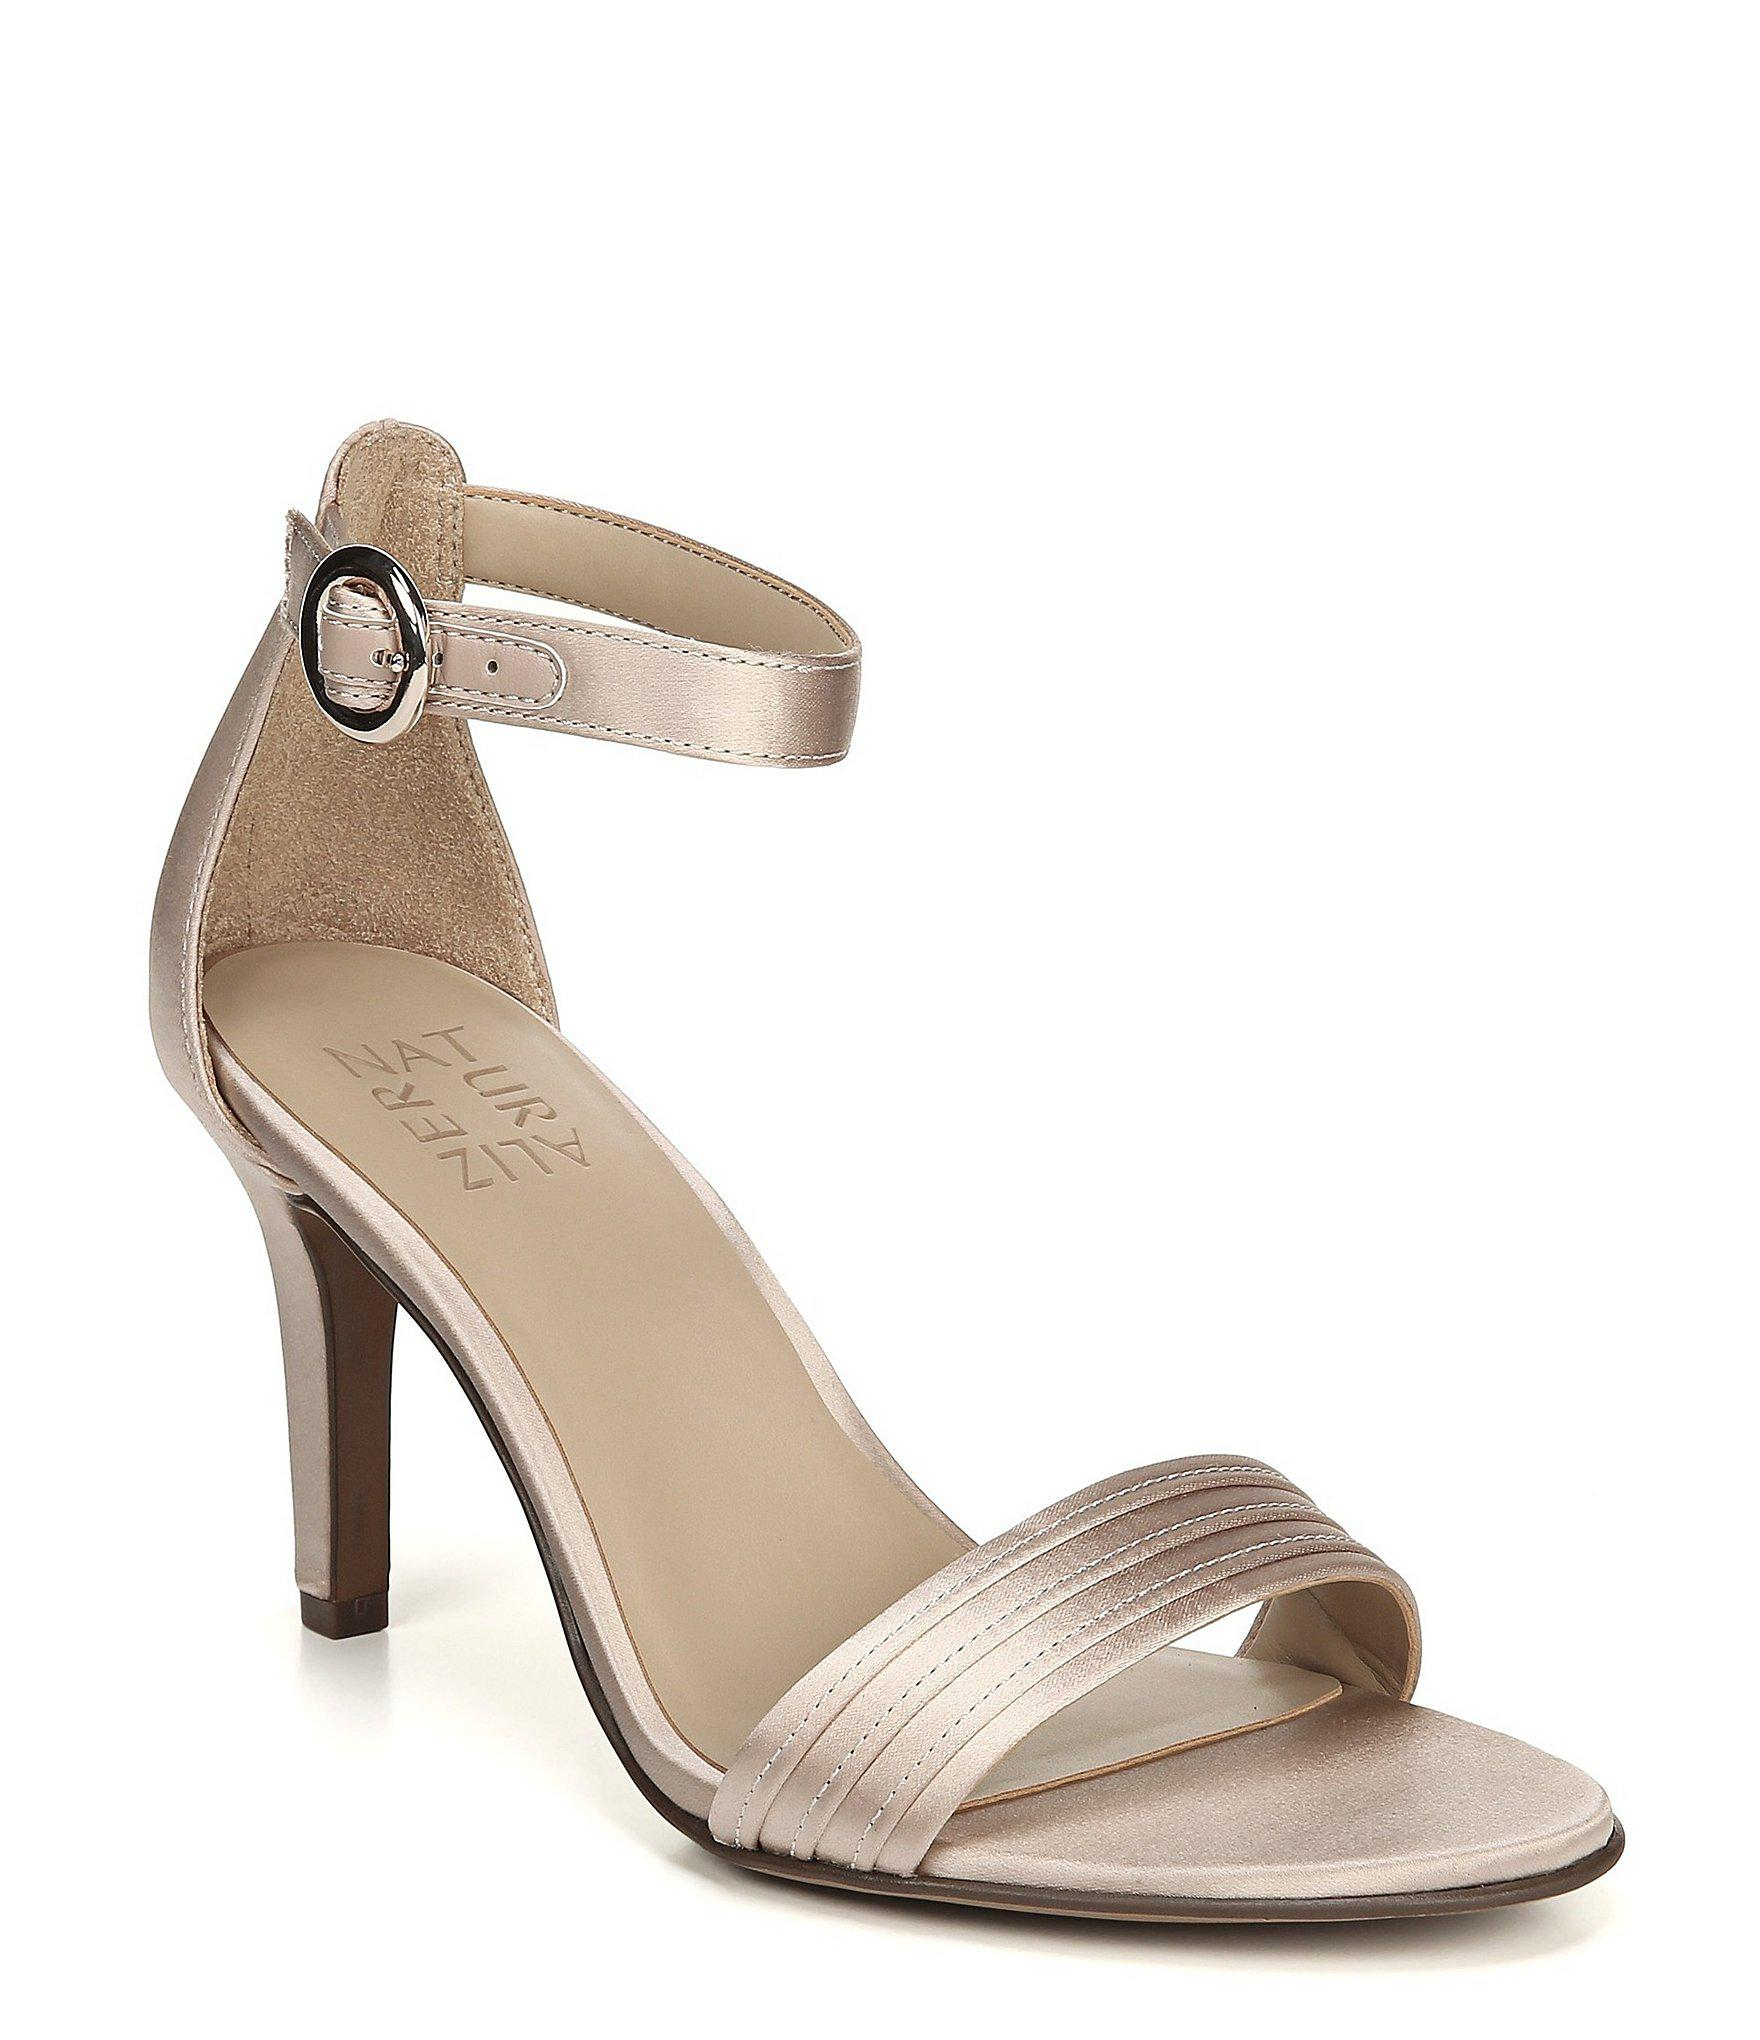 efce79ad316d Naturalizer. Women s Kinsley 2 Satin Ankle Strap Dress Sandals